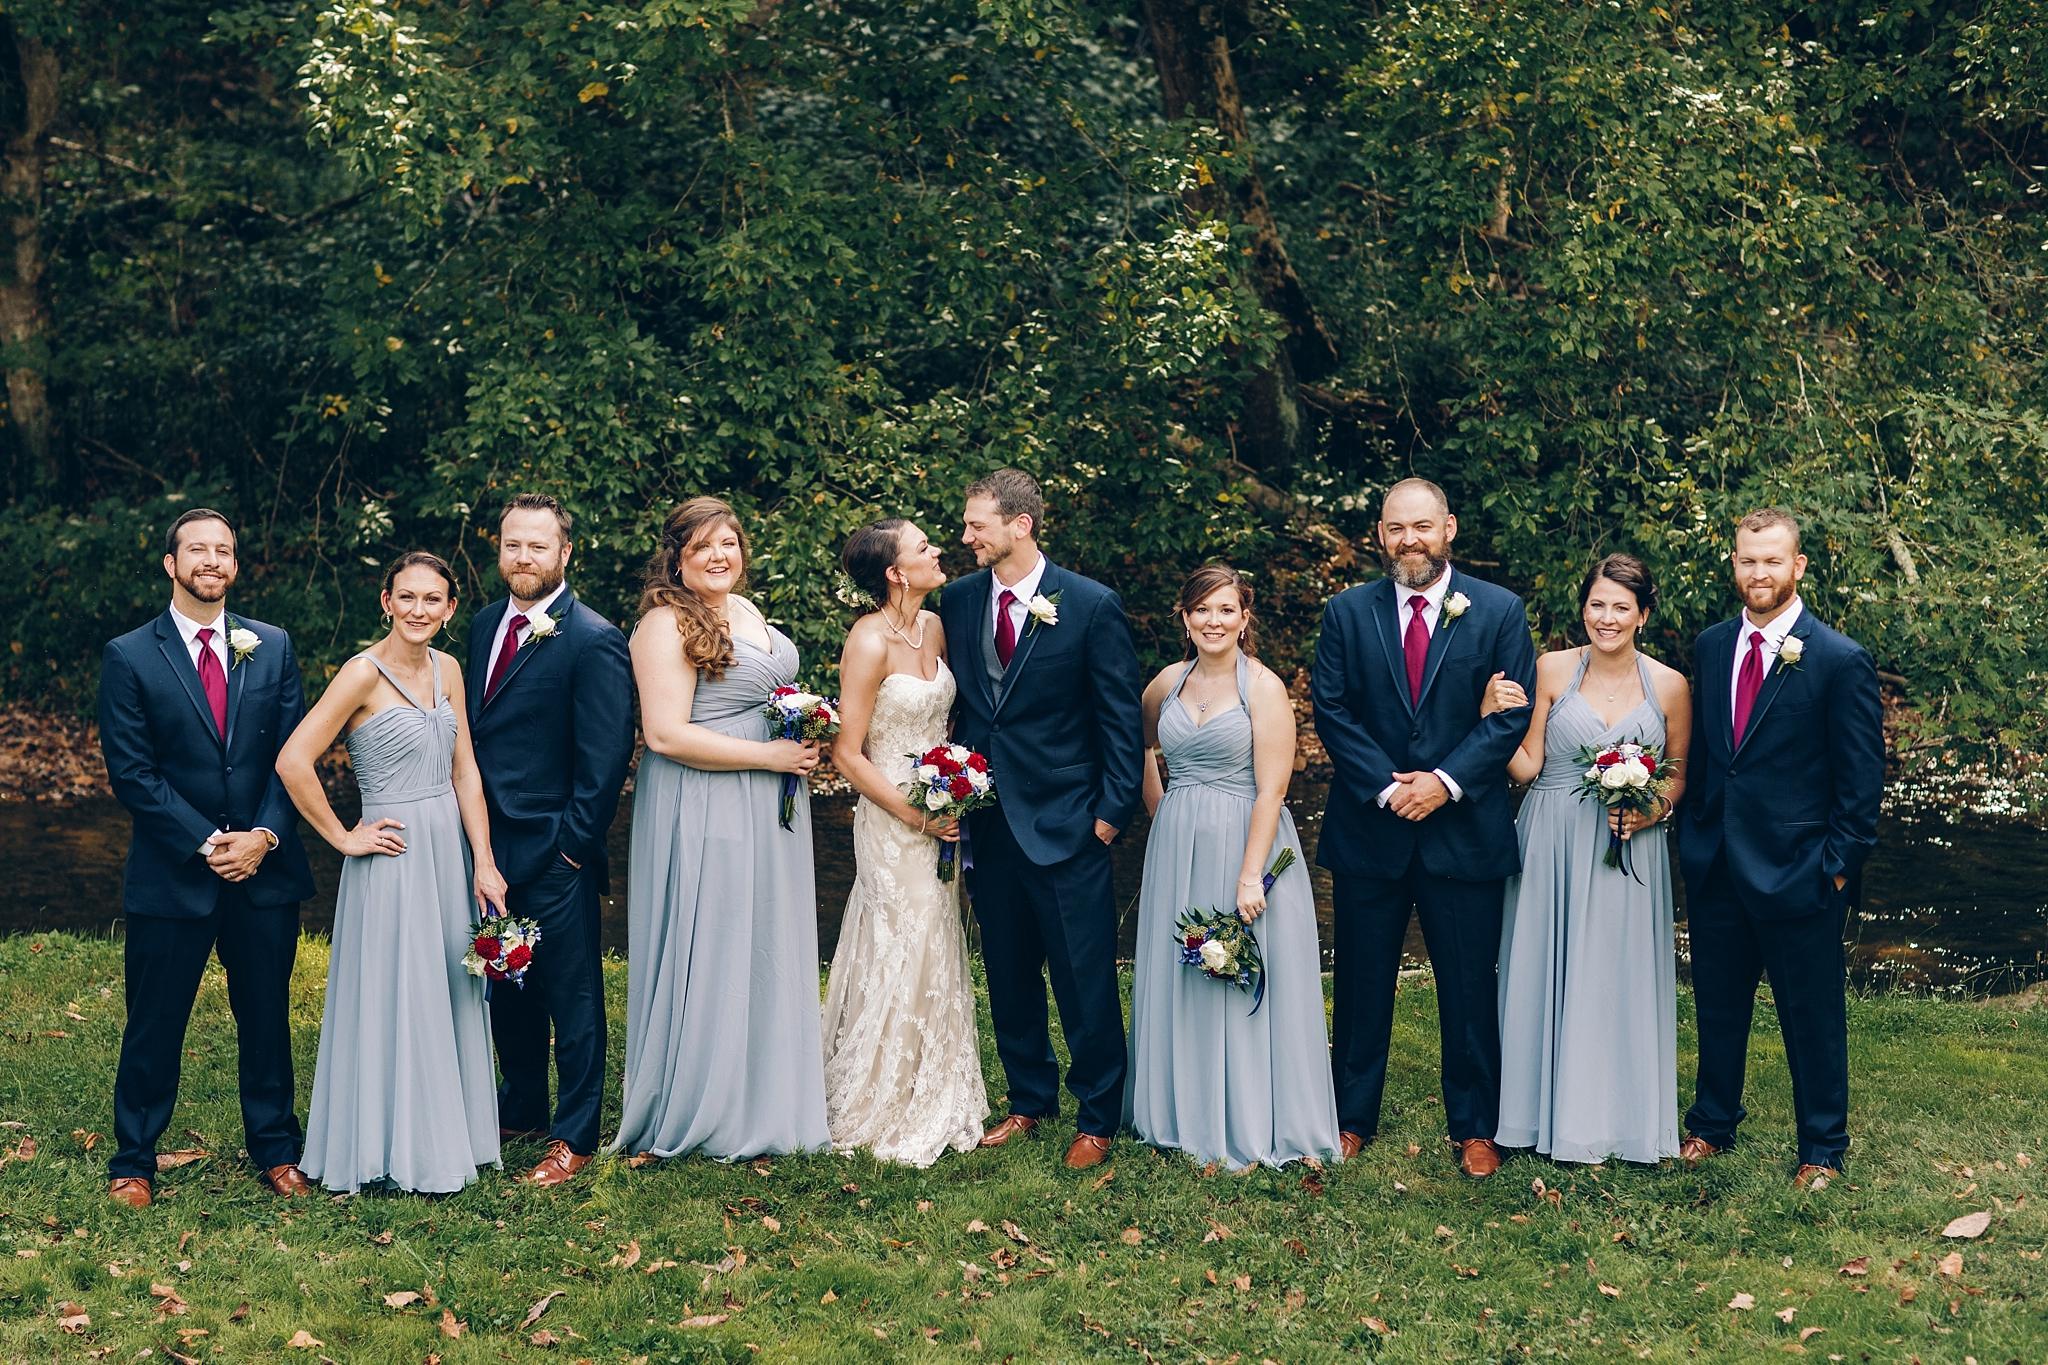 buckeye-farm-virginia-wedding_0622.jpg